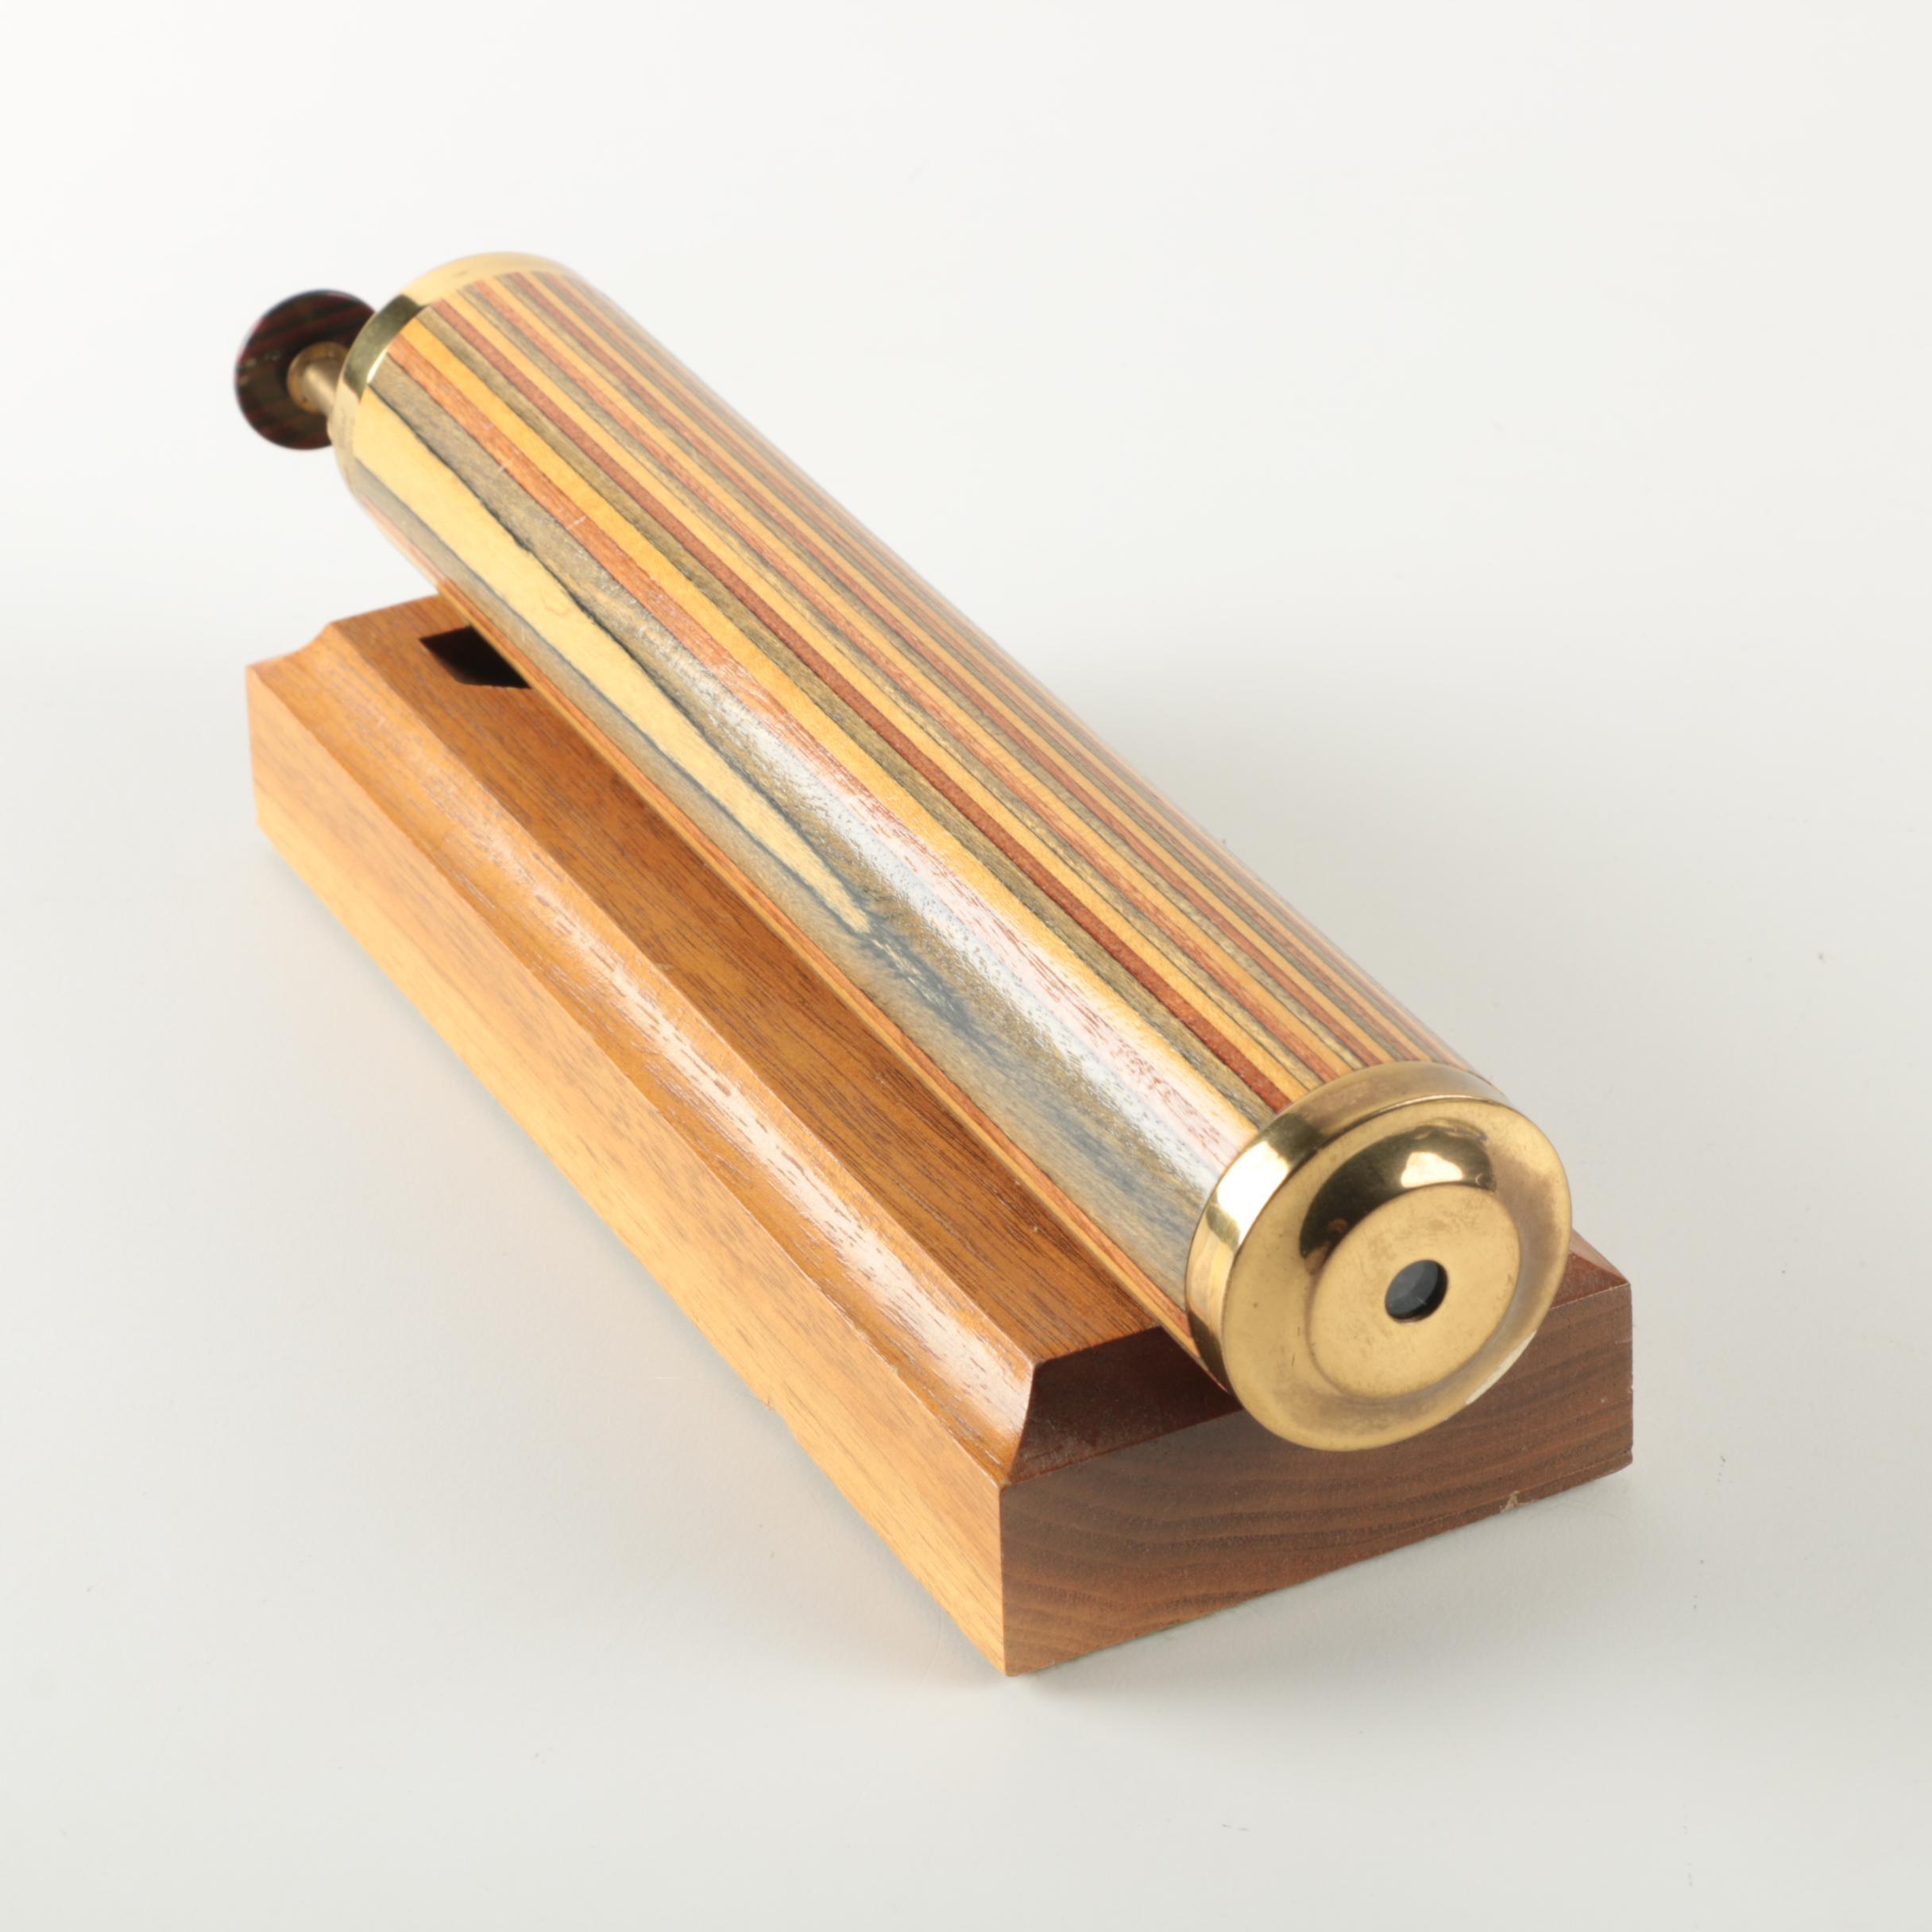 Van Cort Brass and Wood Tone Kaleidoscope